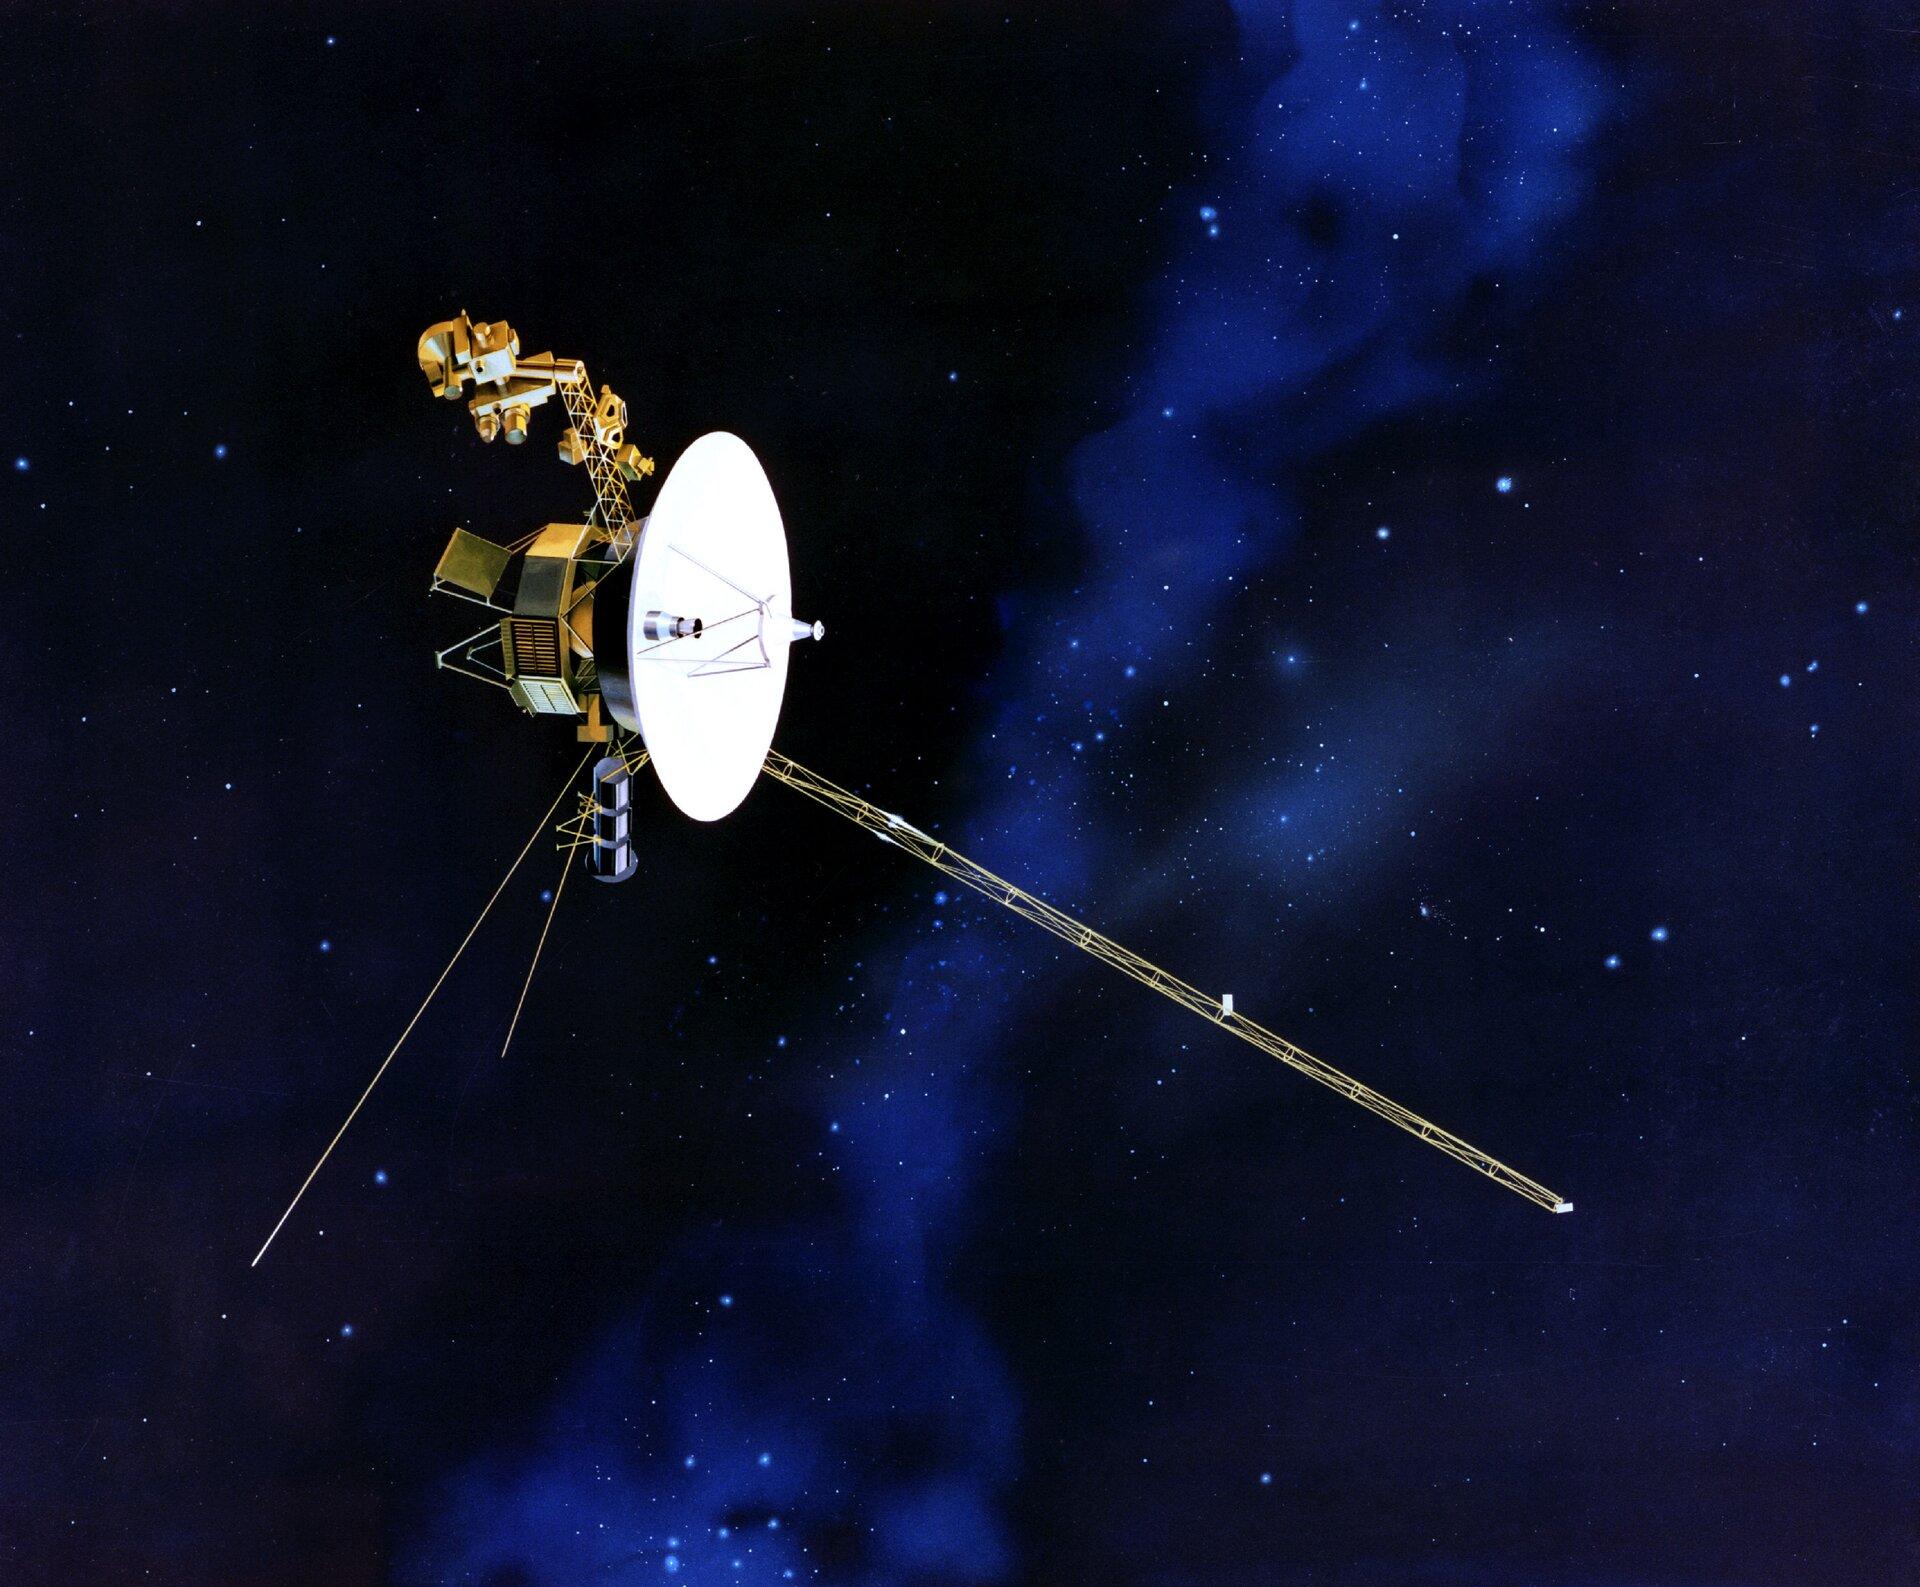 Ilustracja przedstawia bezzałogową sondę kosmiczną Voyager 2. Tło ciemnogranatowe, zmałymi jasnymi punkcikami imitującymi gwiazdy. Na ilustracji widoczna sonda składająca się zbiałego talerza satelitarnego oraz połączonej znim (z tyłu) złotej aparatury. Zdołu odchodzą wróżnych kierunkach trzy długie, najprawdopodobniej metalowe, pręty.